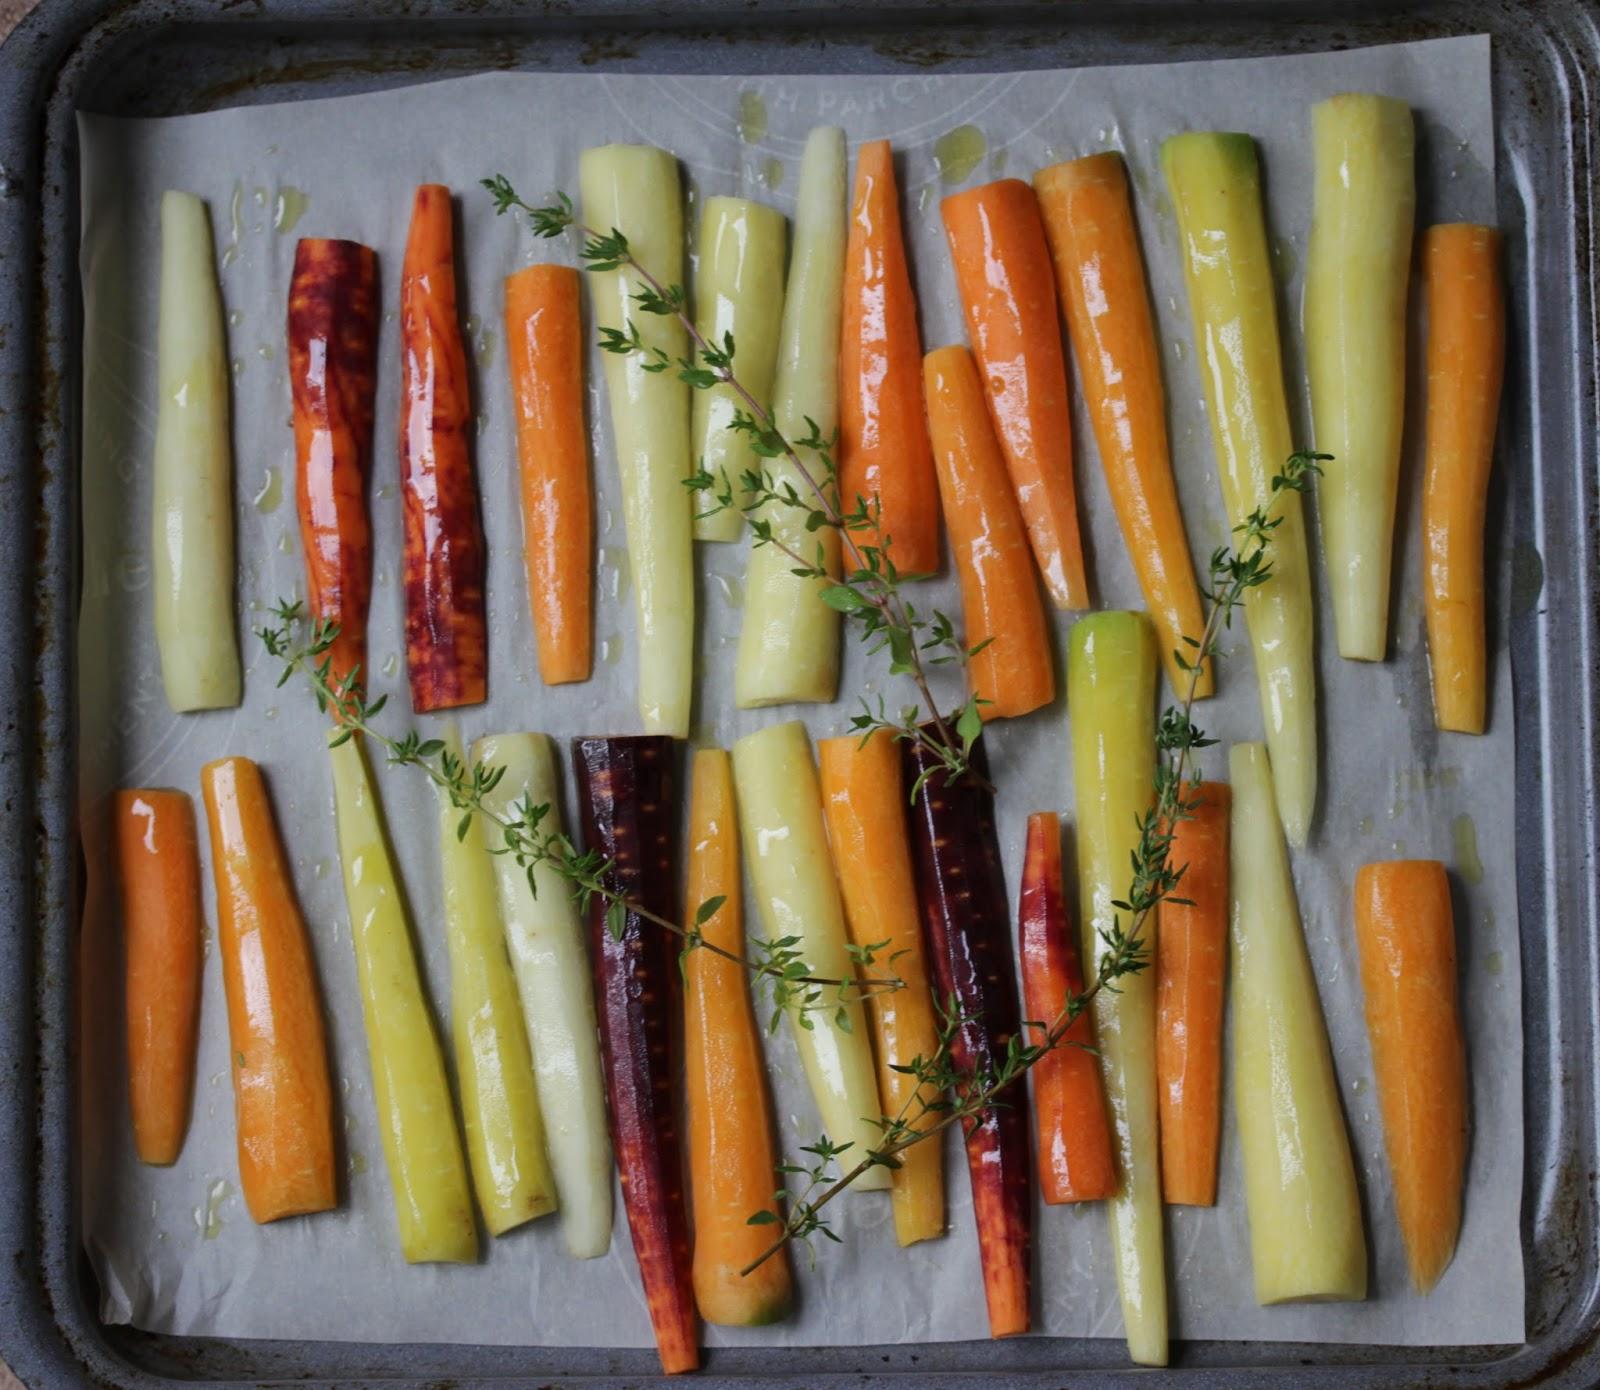 Au gr du march carottes grill es au four - Chataignes grillees au four ...